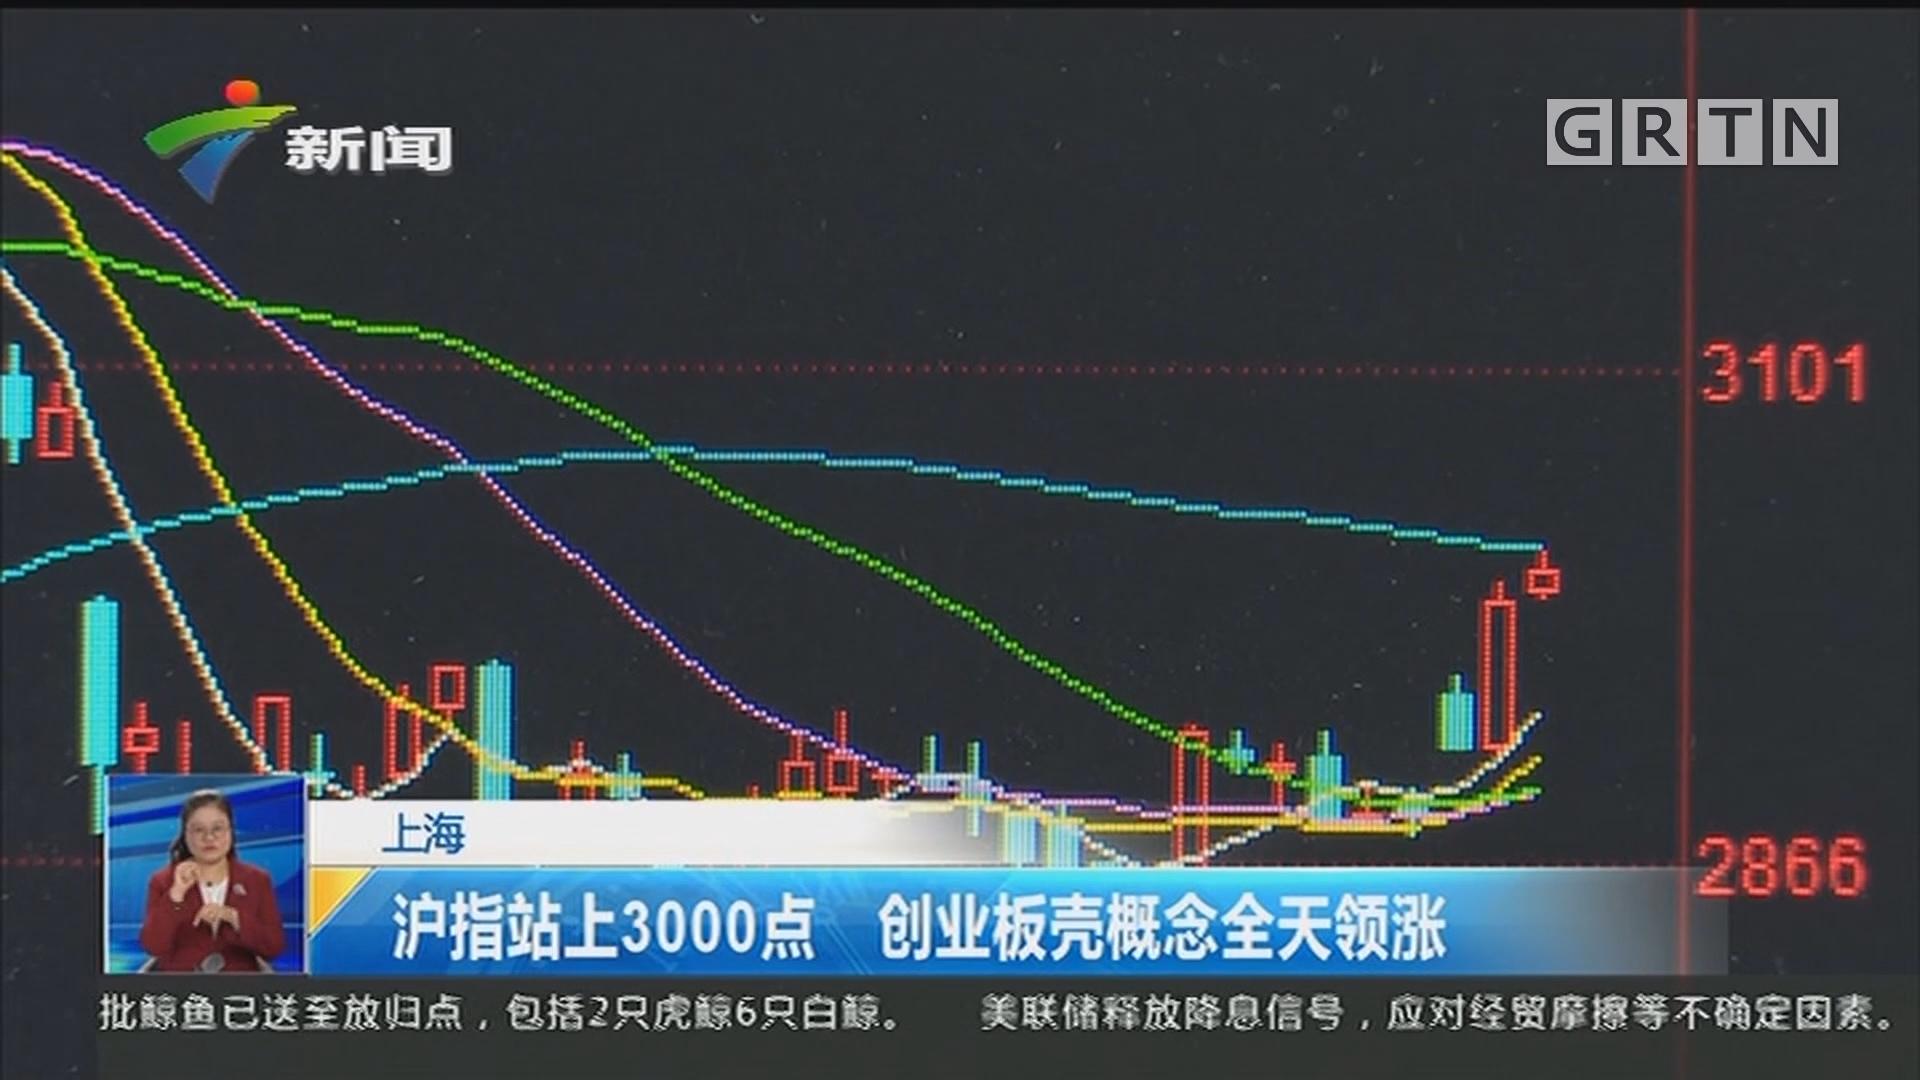 上海:沪指站上3000点 创业板壳概念全天领涨